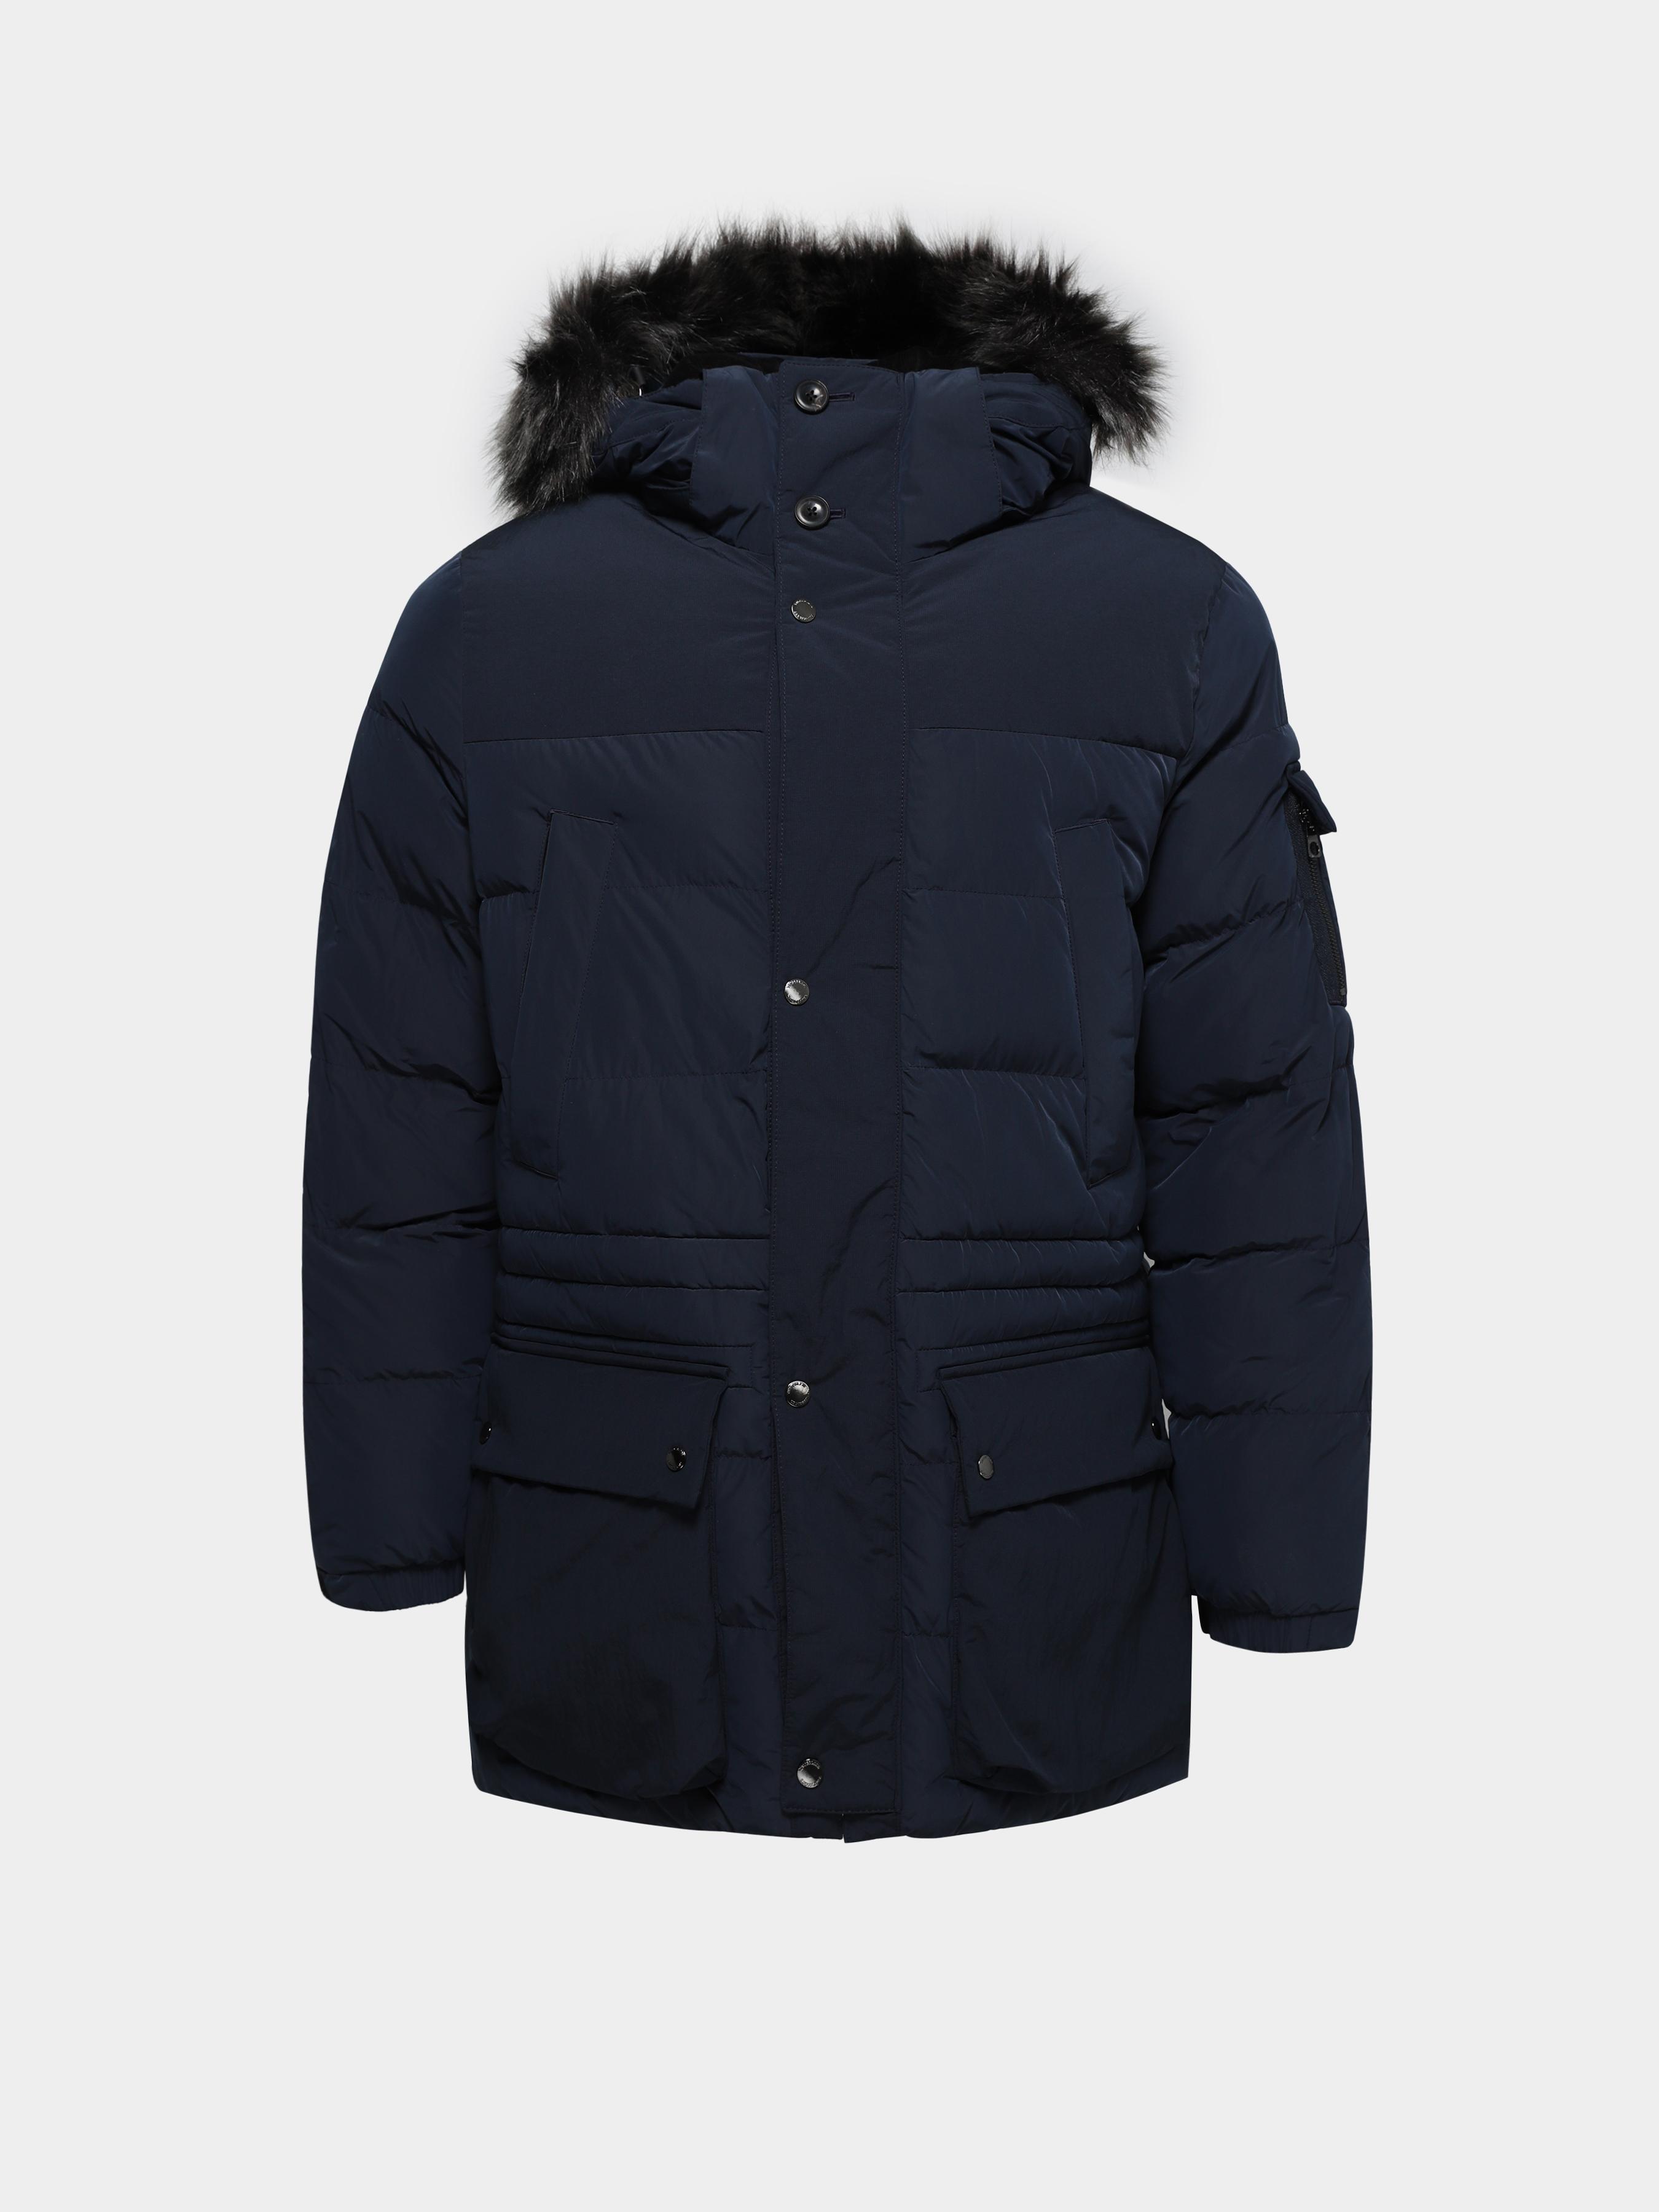 Купить Куртка мужские модель TH5678, Timberland, Синий